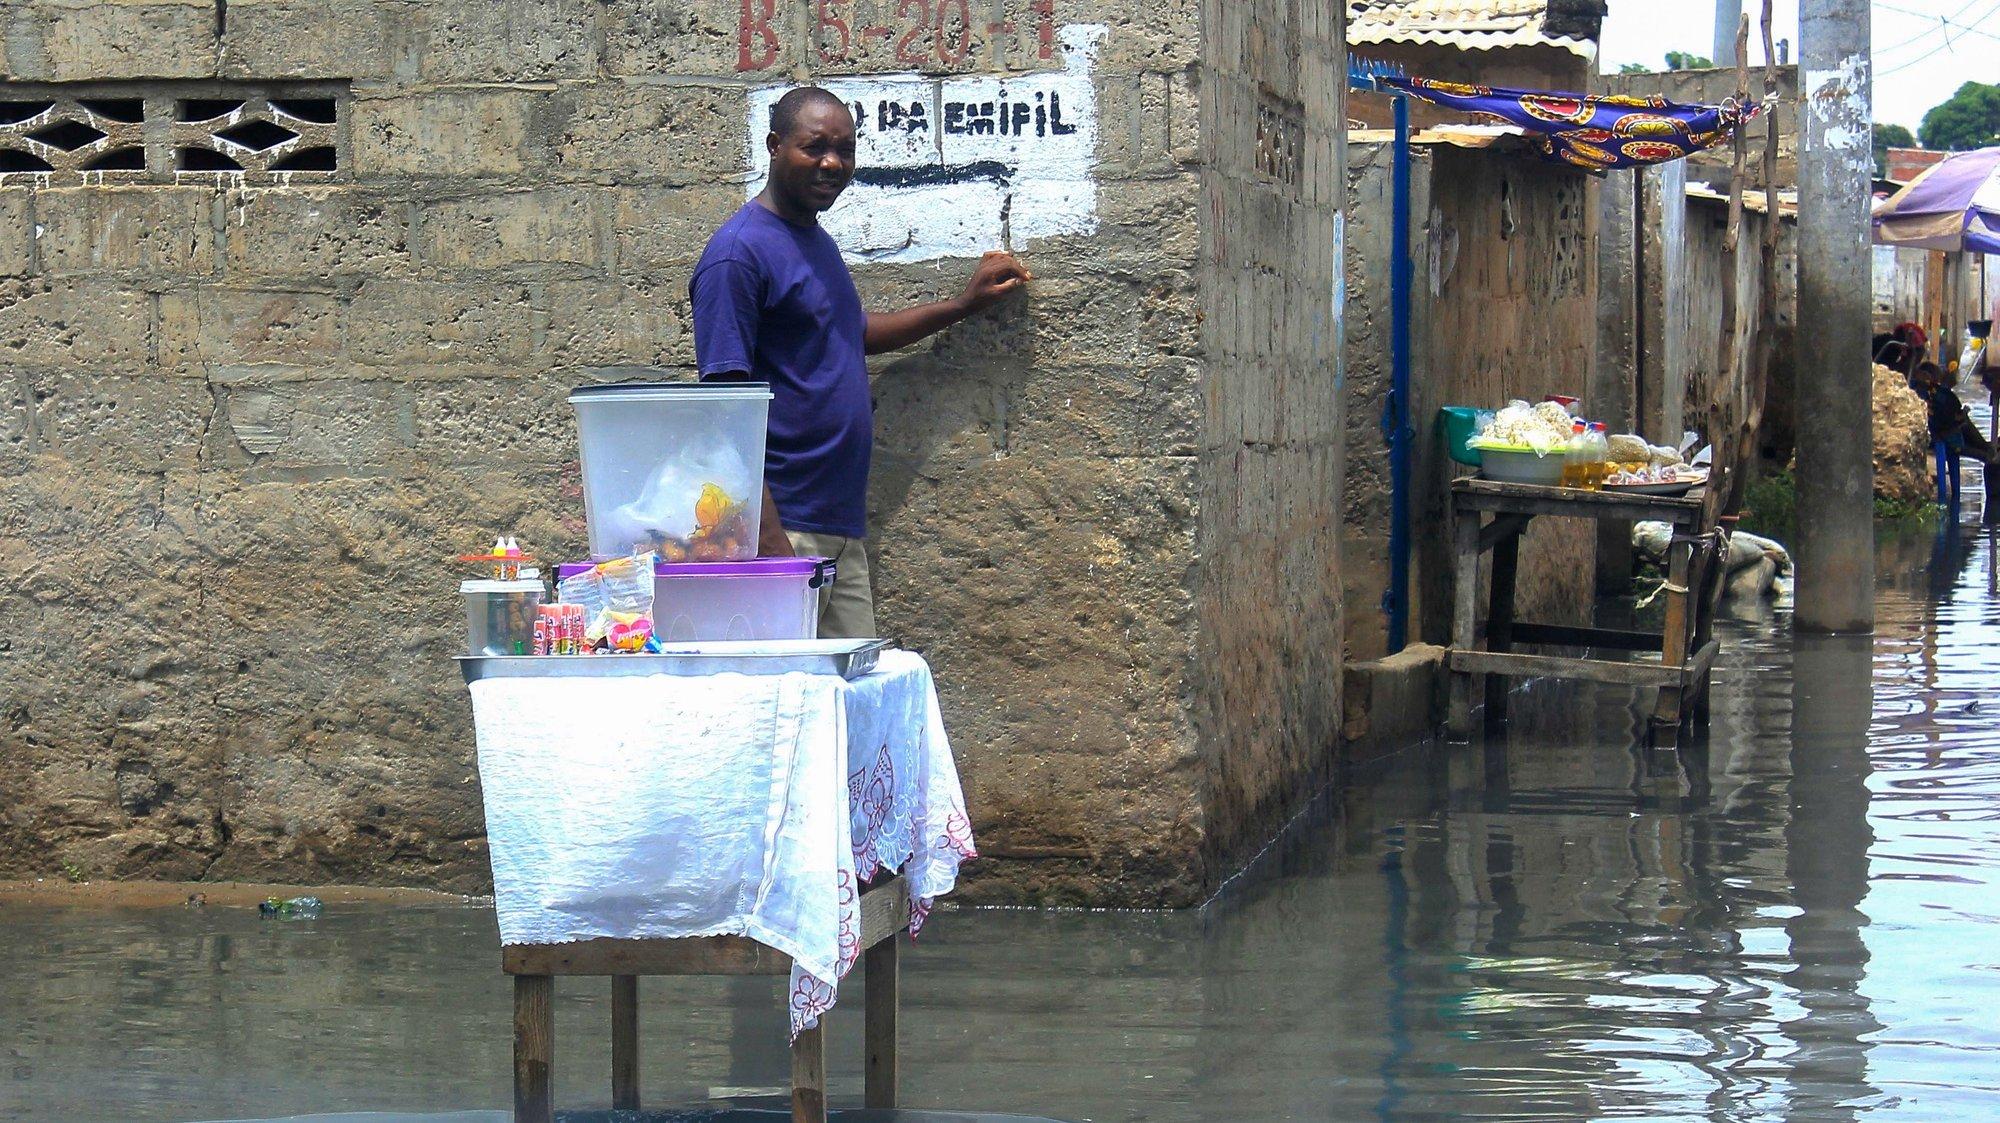 Um vendedor ambulante vende os seus produtos numa rua alagada do Bairro da Boa Esperança após a queda de chuvas fortes na capital angolana, Luanda, Angola, 9 de abril de 2019.  AMPE ROGÉRIO/LUSA